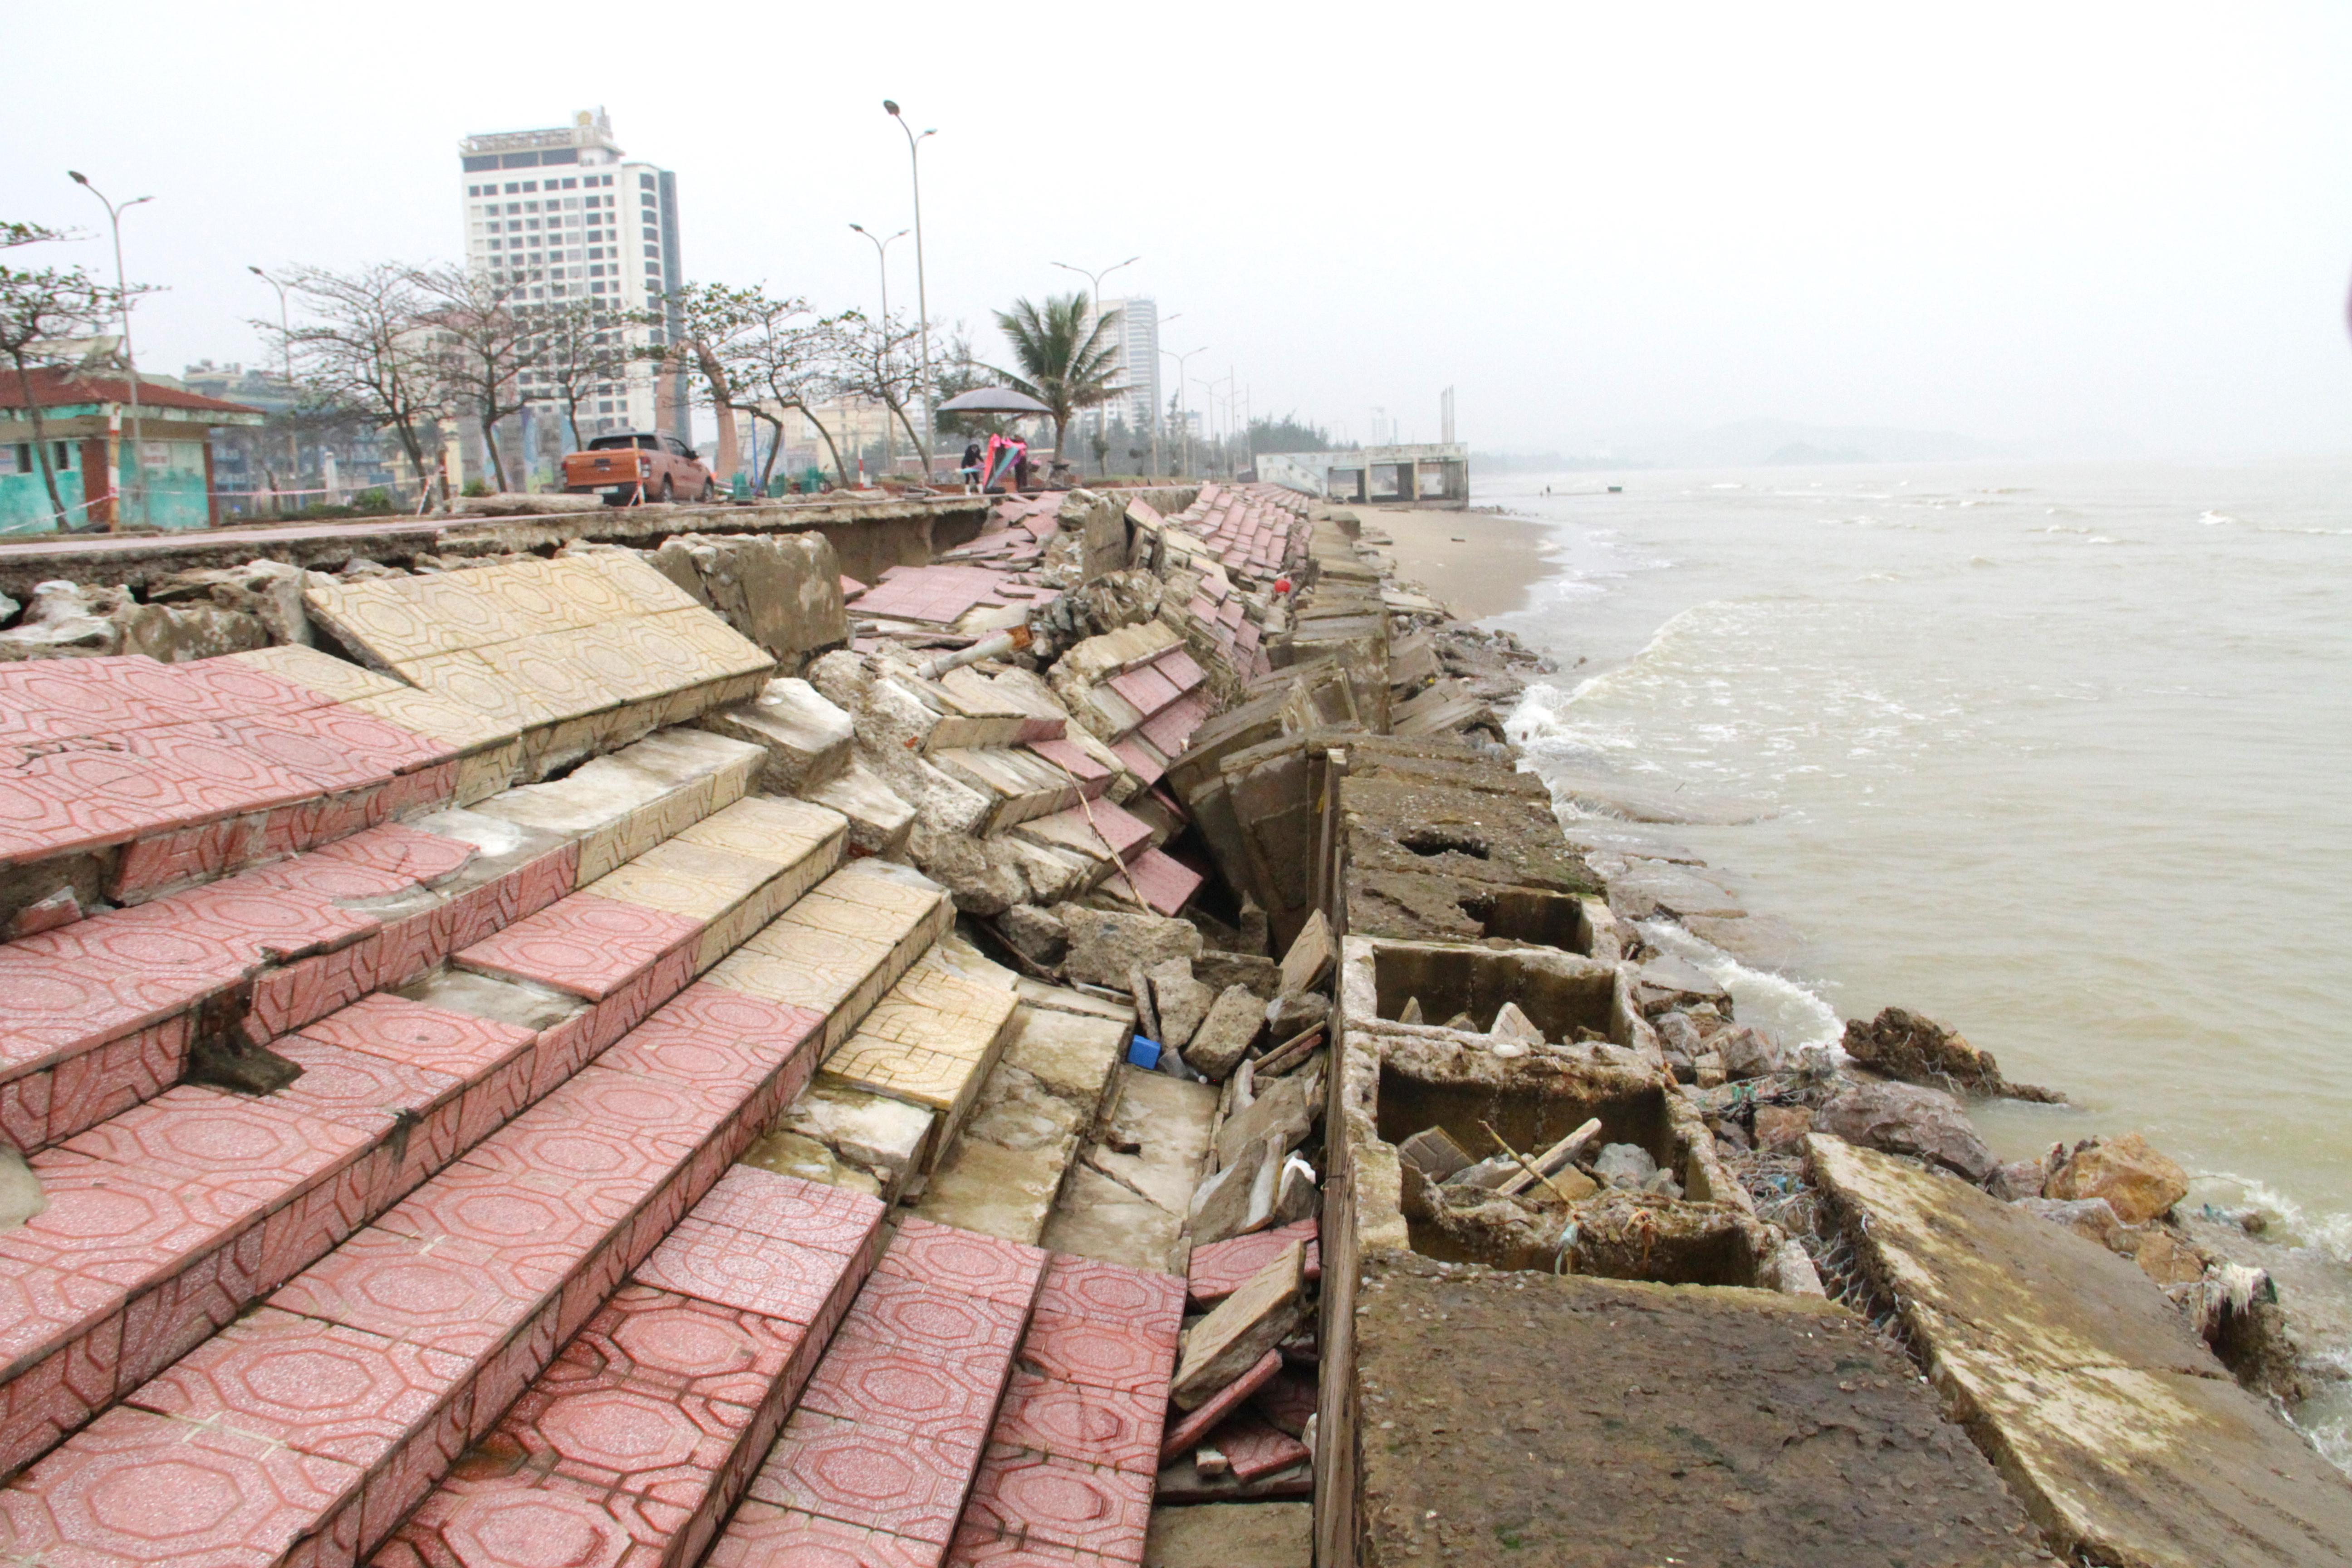 Cận cảnh gần 4km tuyến kè, đê biển Cửa Lò tan hoang sau bão lũ, hàng quán điêu đứng - Ảnh 23.